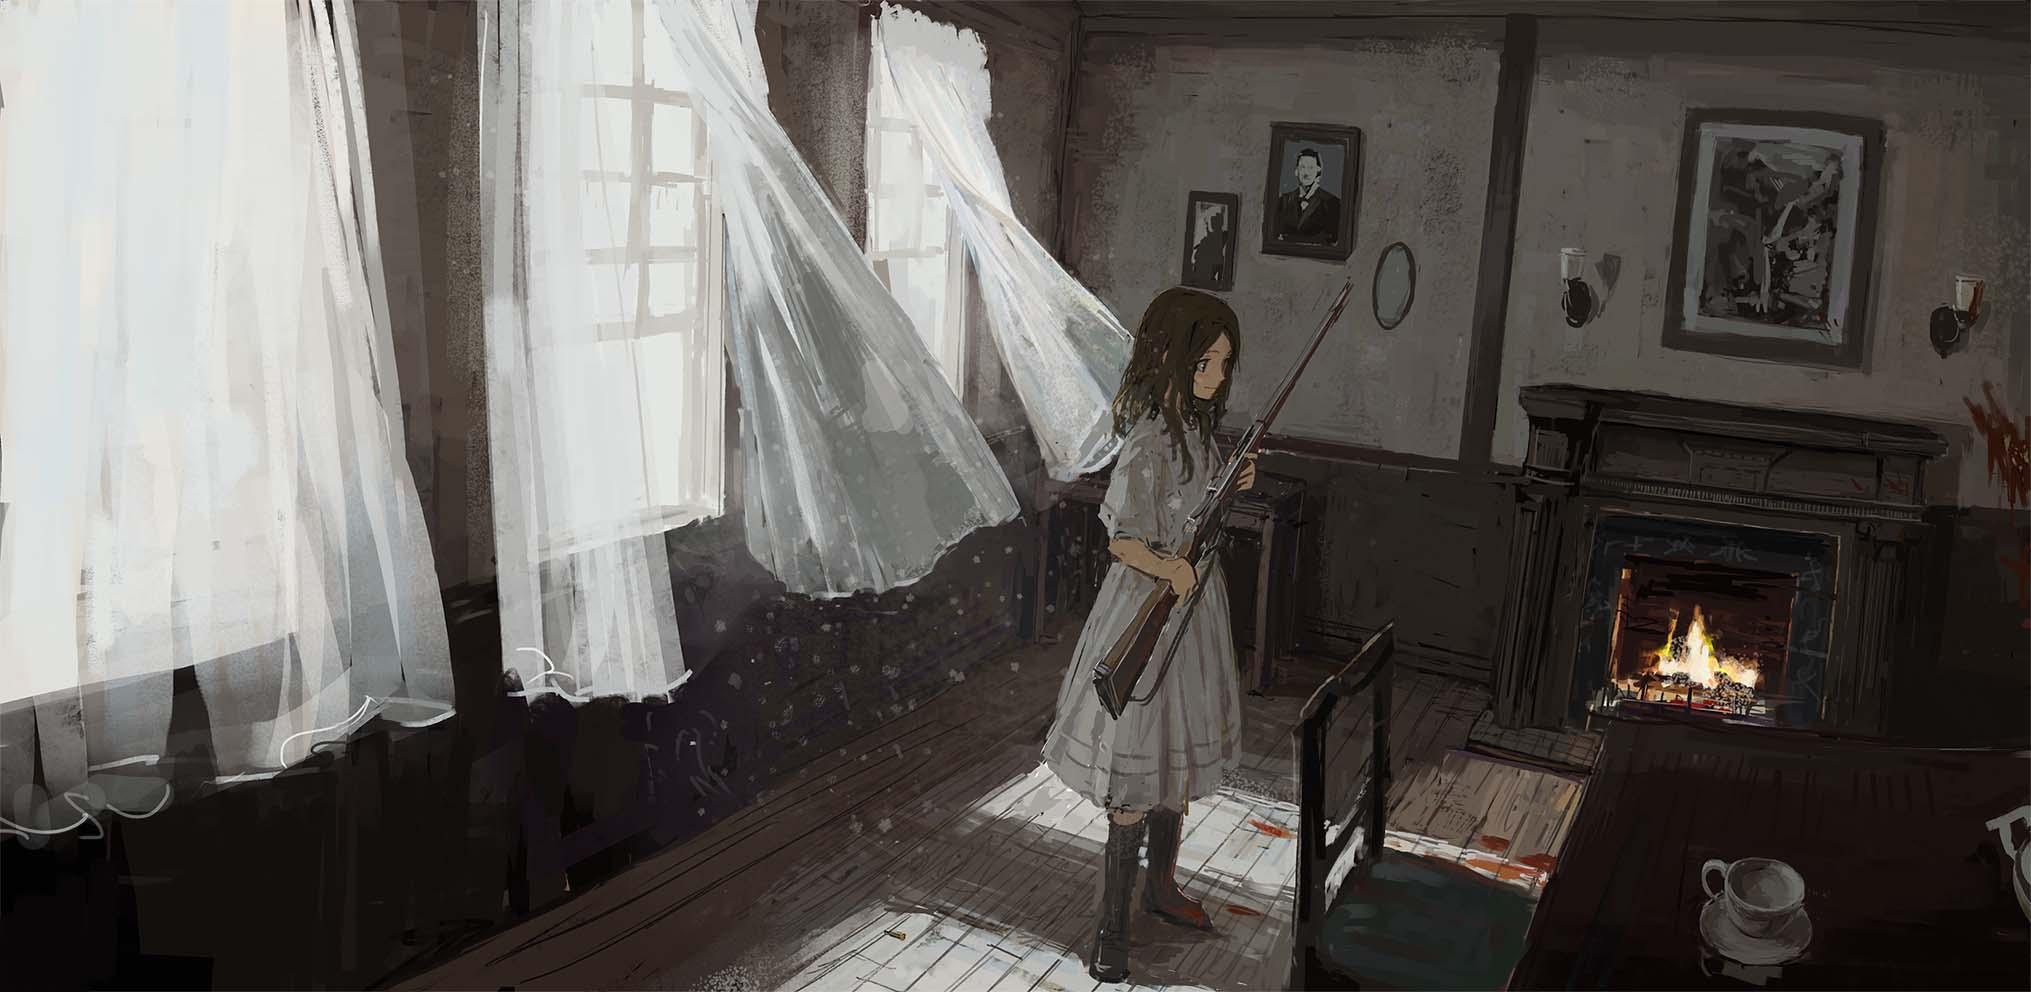 枪械与少女 P站精选电脑壁纸合集 高清壁纸 动漫美图